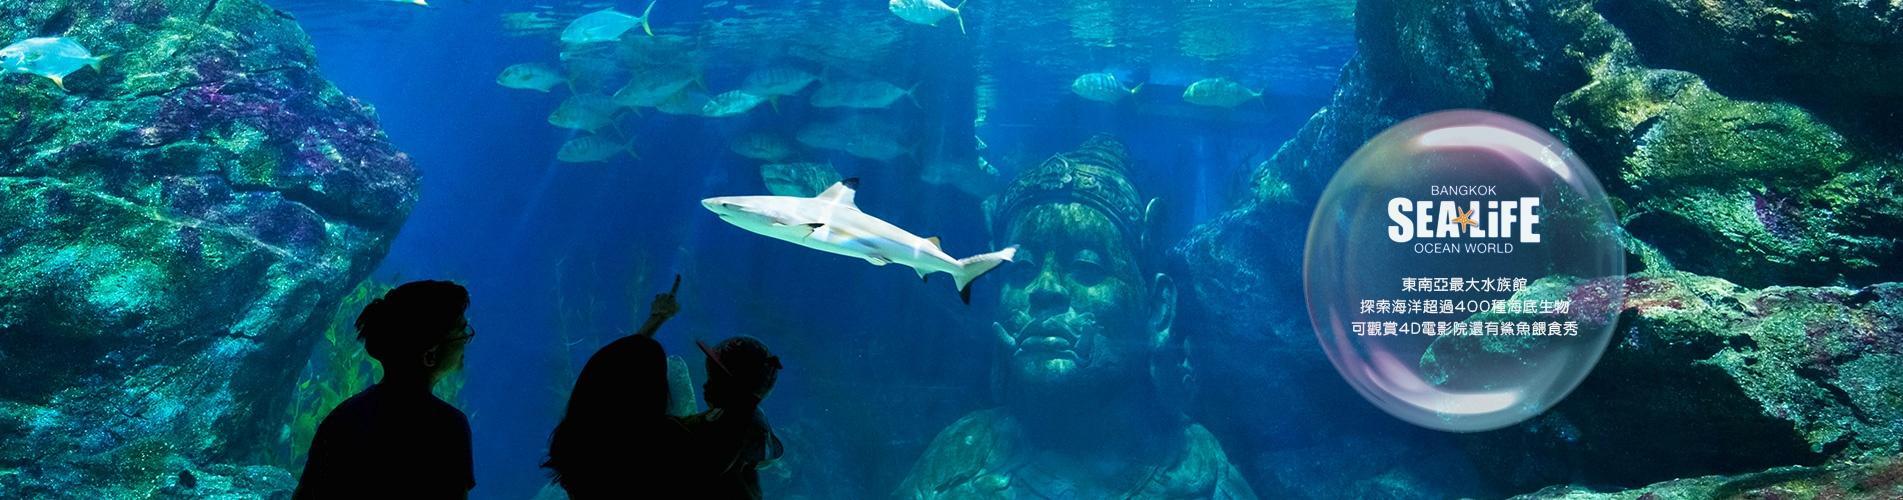 泰國曼谷暹羅海洋世界門票